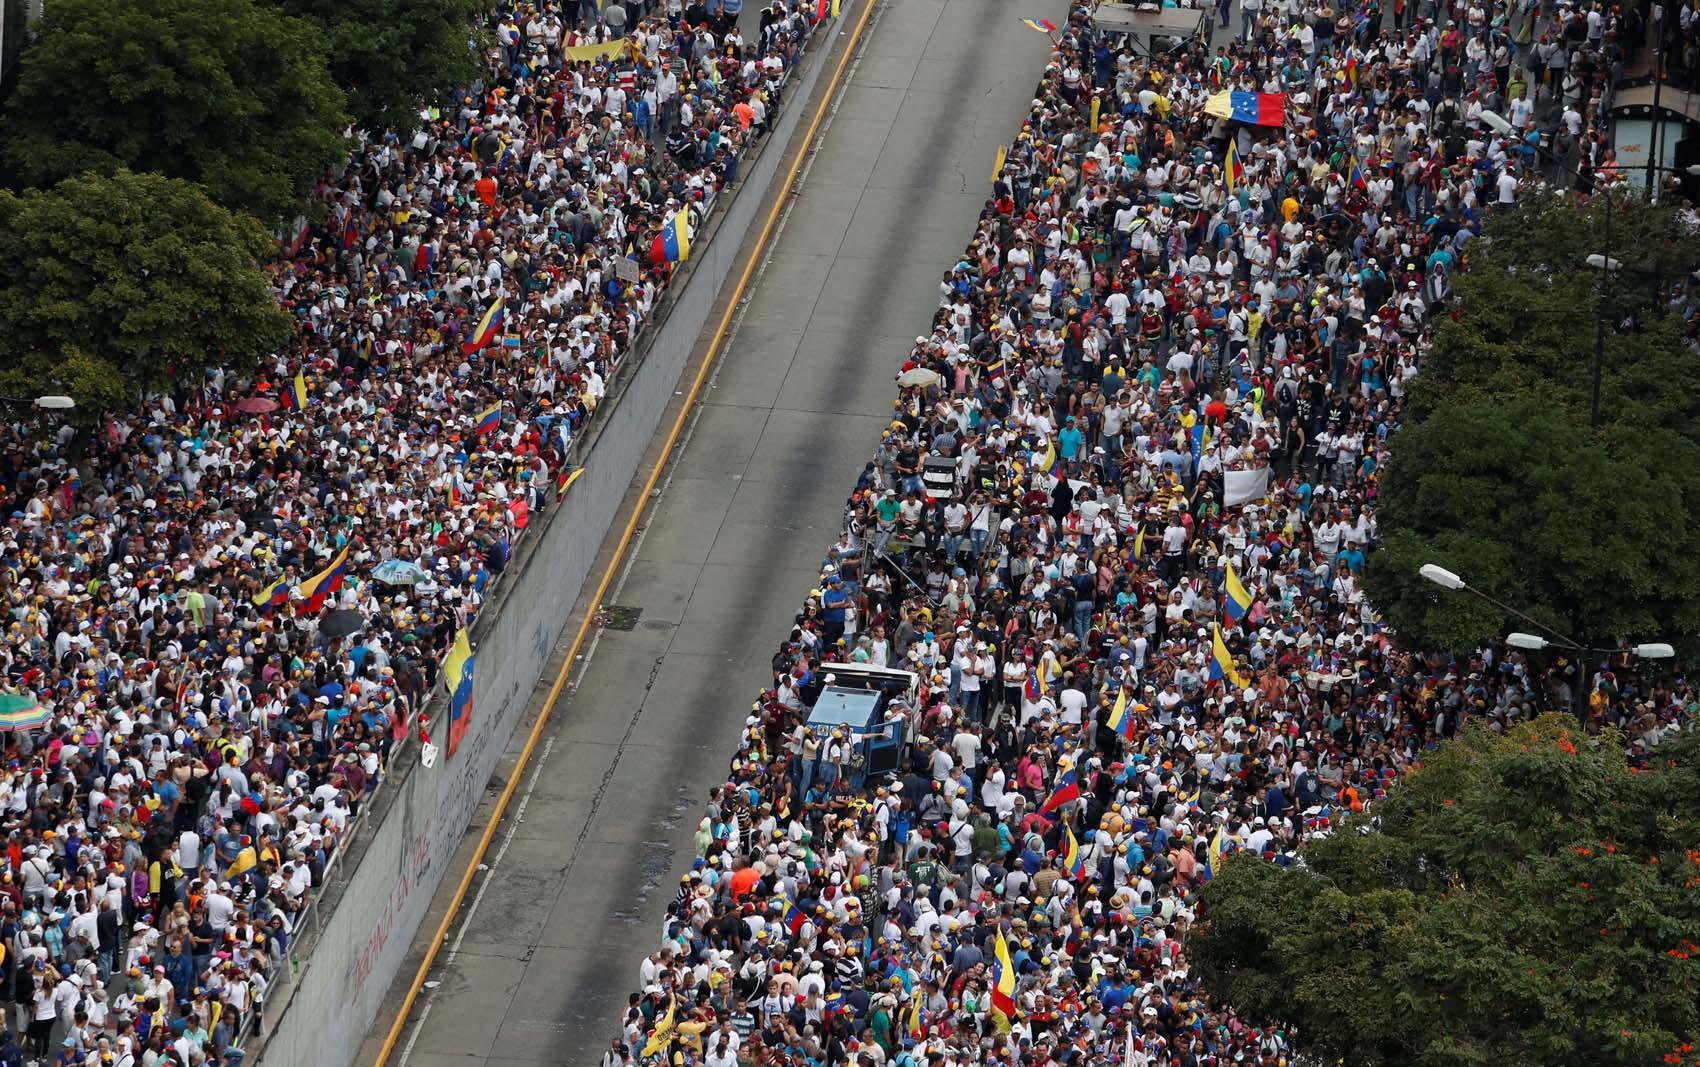 Un gentío toma las calles de Venezuela para desconocer legitimidad de Maduro (tomas aéreas) #23Ene